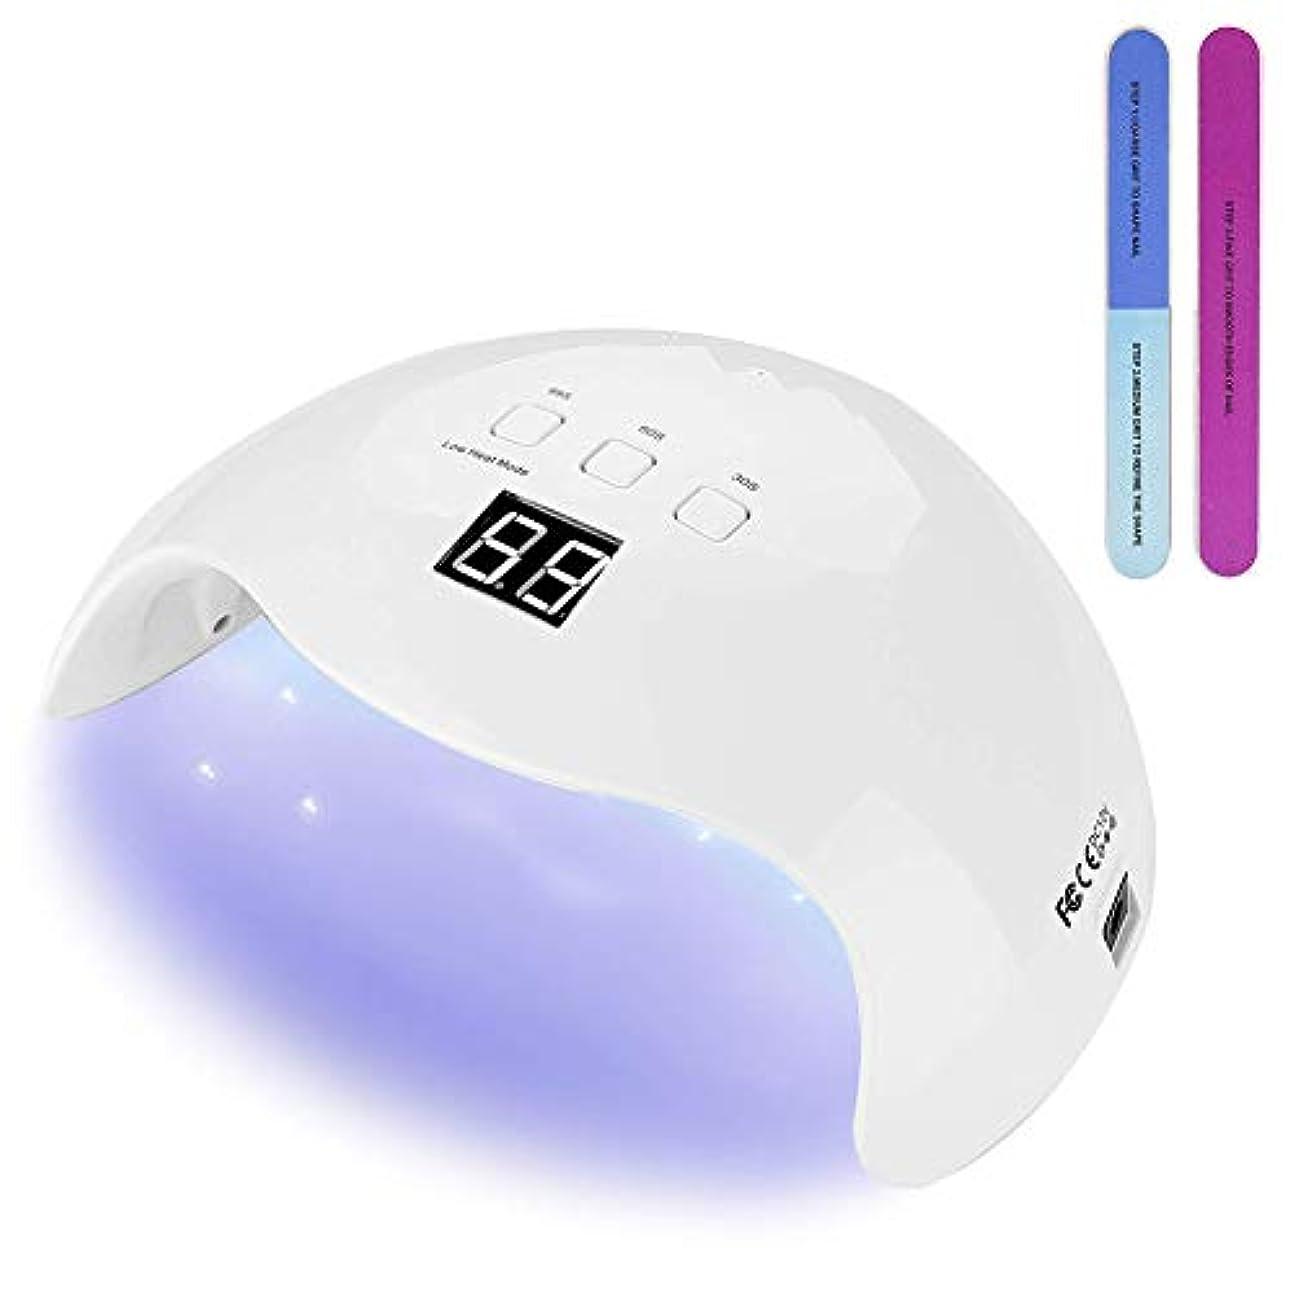 管理するフォーラムポルトガル語40Wネイルドライヤー、ネイル用LED/UVランプ、30/60/99秒タイマー、赤外線センサー、LCDディスプレイ、全ゲル用